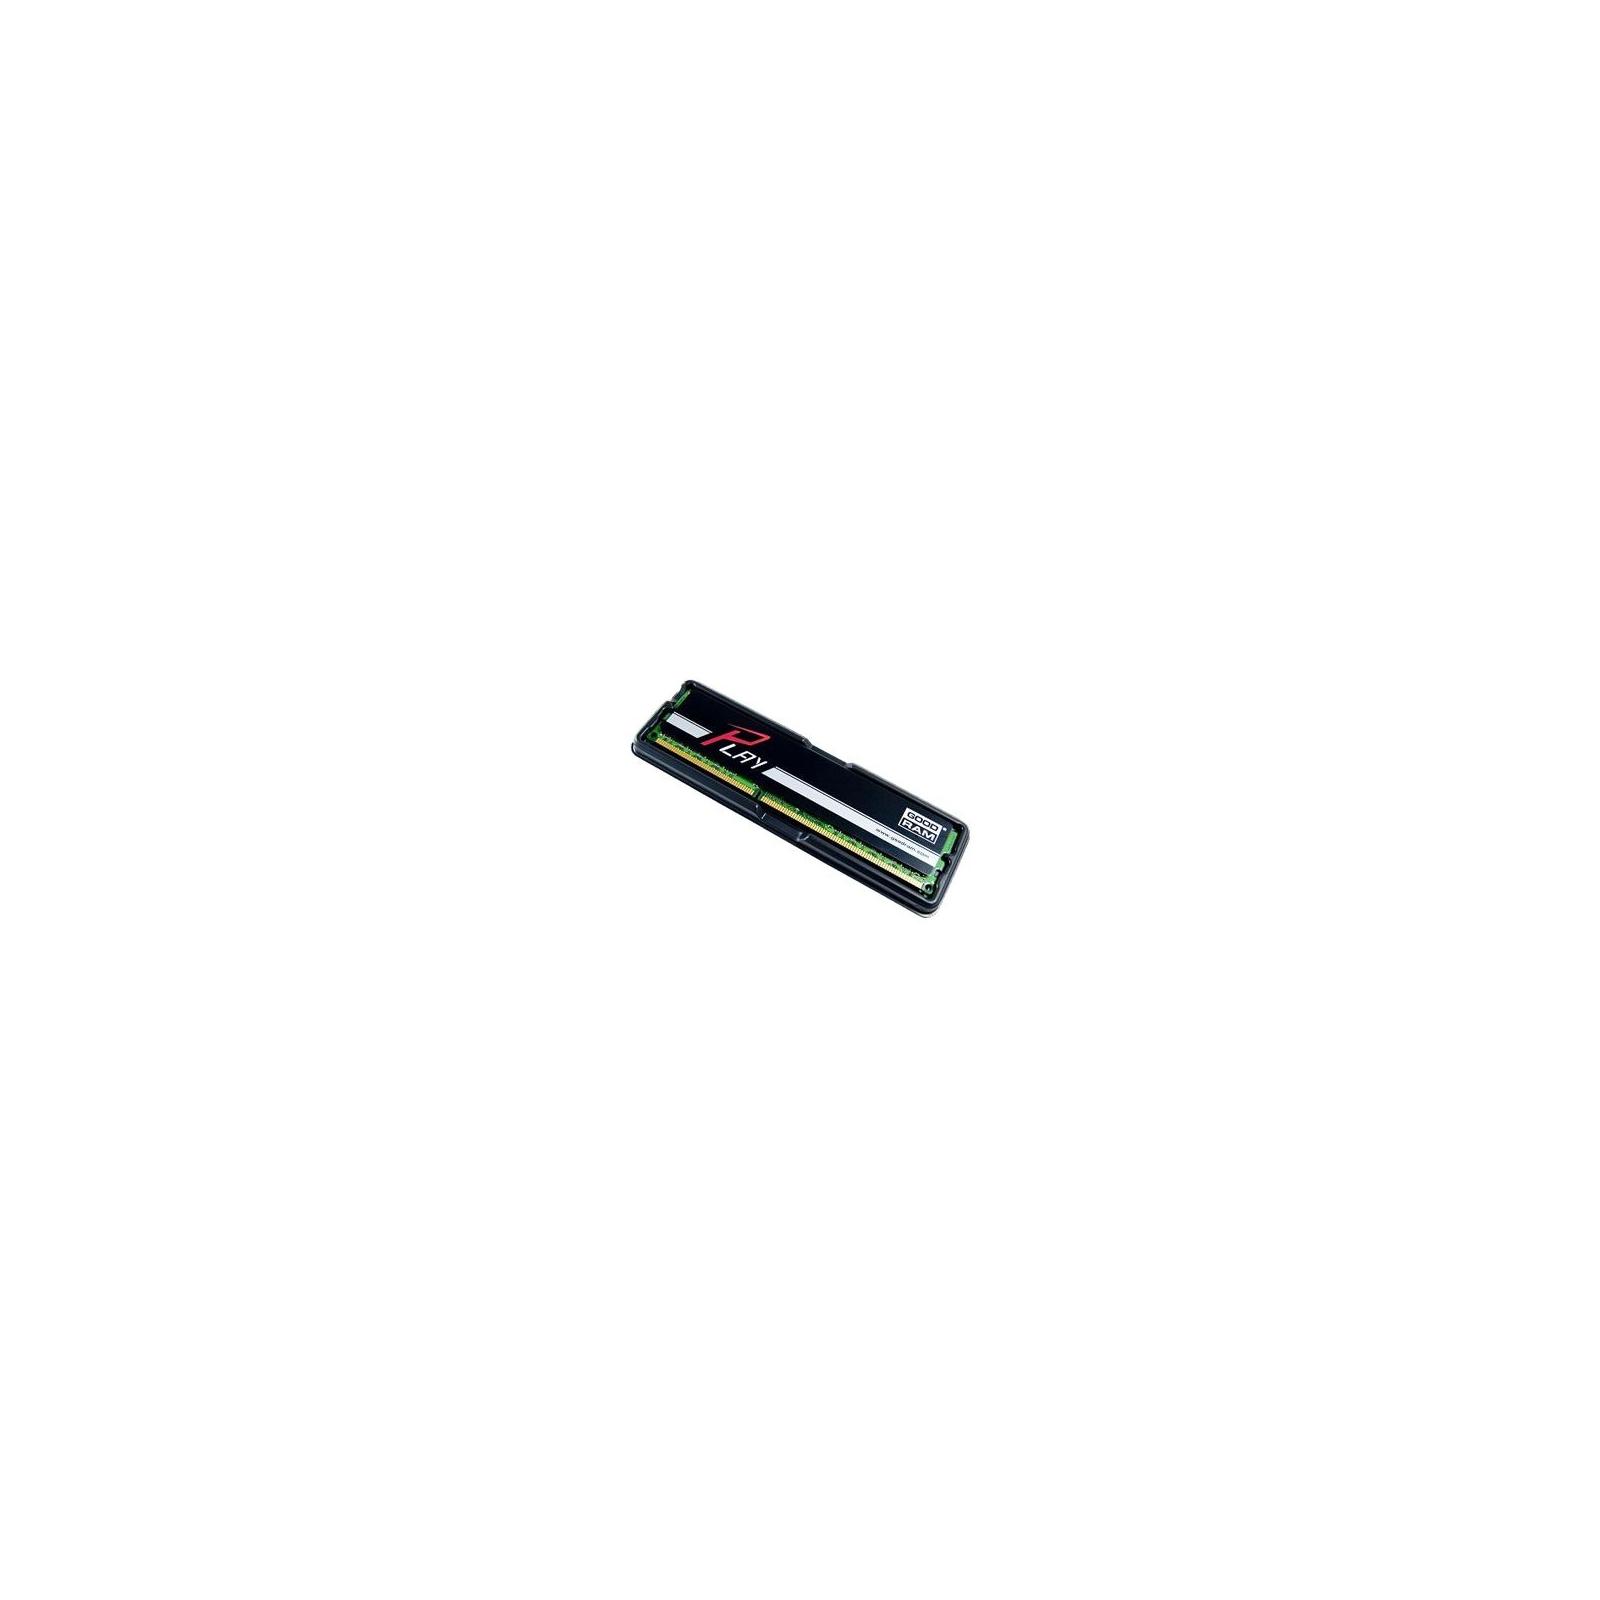 Модуль памяти для компьютера DDR3 8GB (2x4GB) 1866 MHz GOODRAM (GY1866D364L10/8GDC)